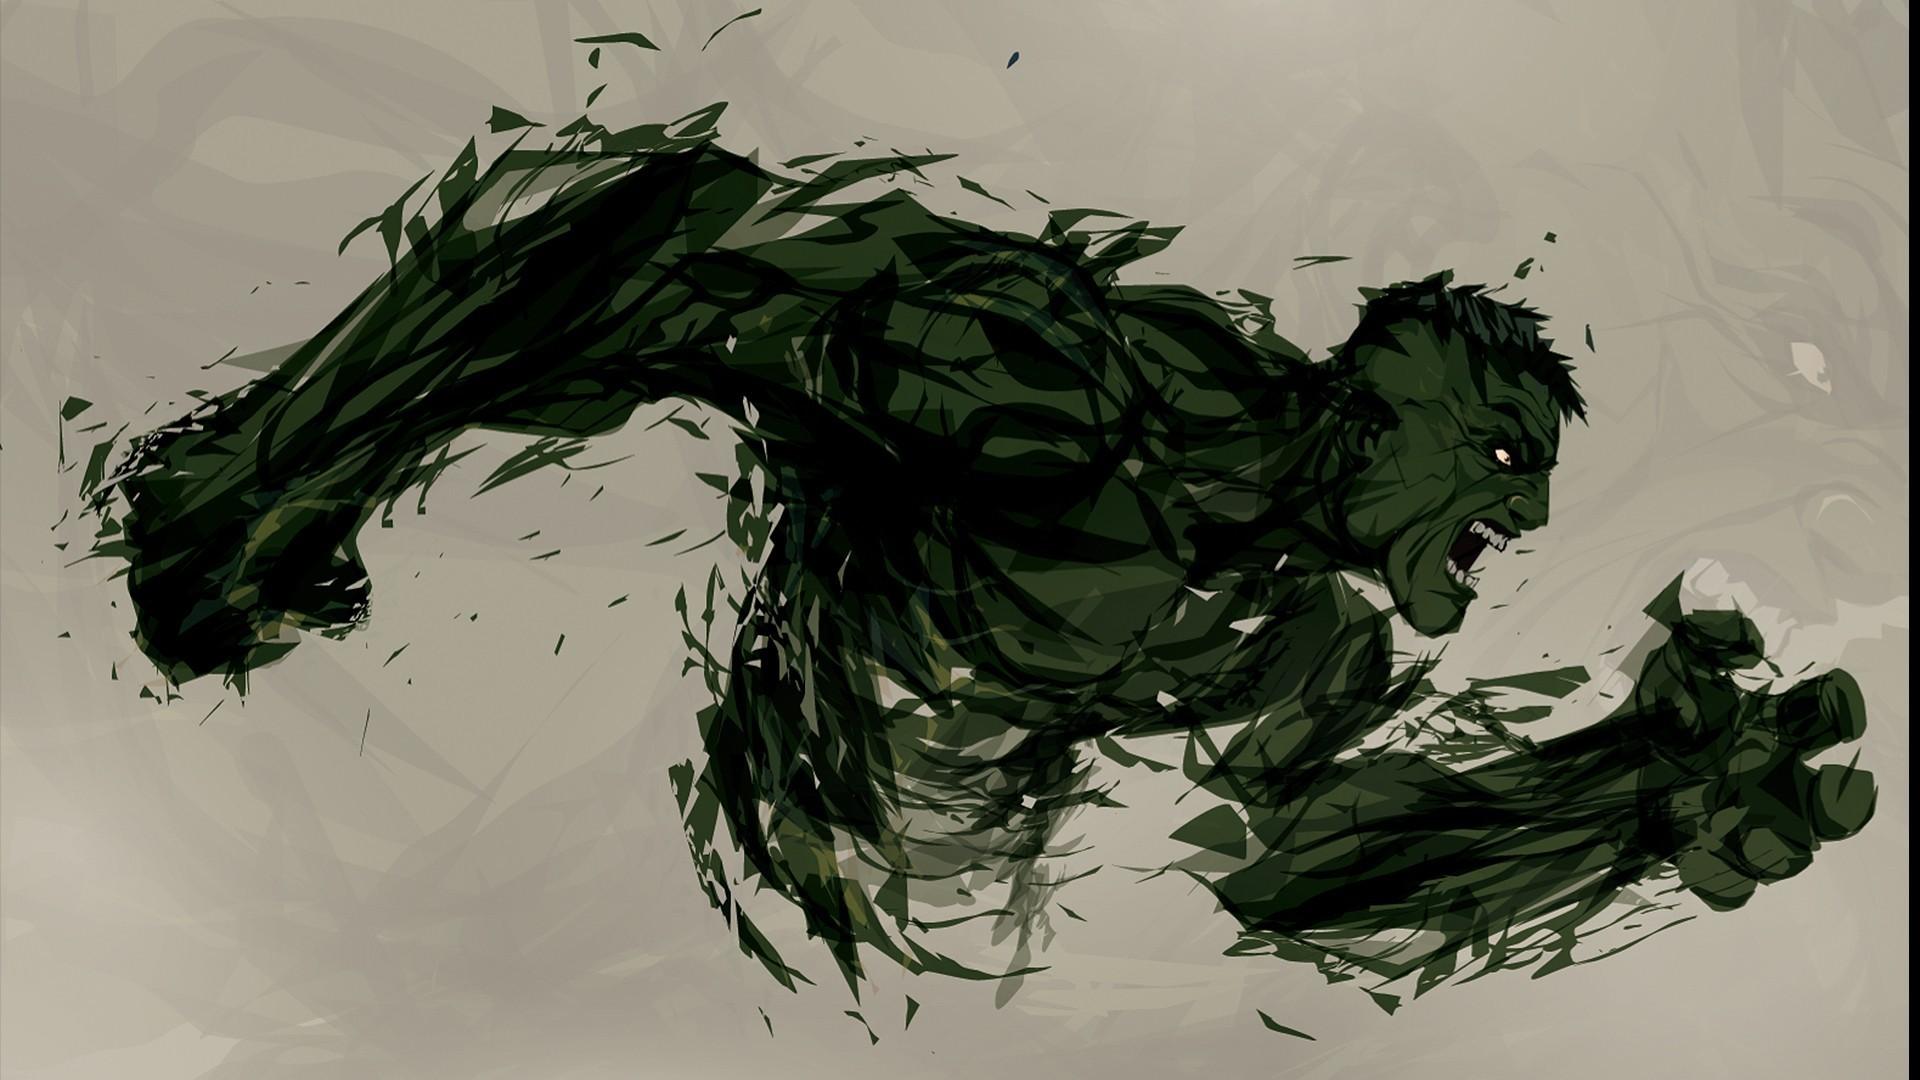 1920x1080 Dark Hulk Wallpaper HD 1.